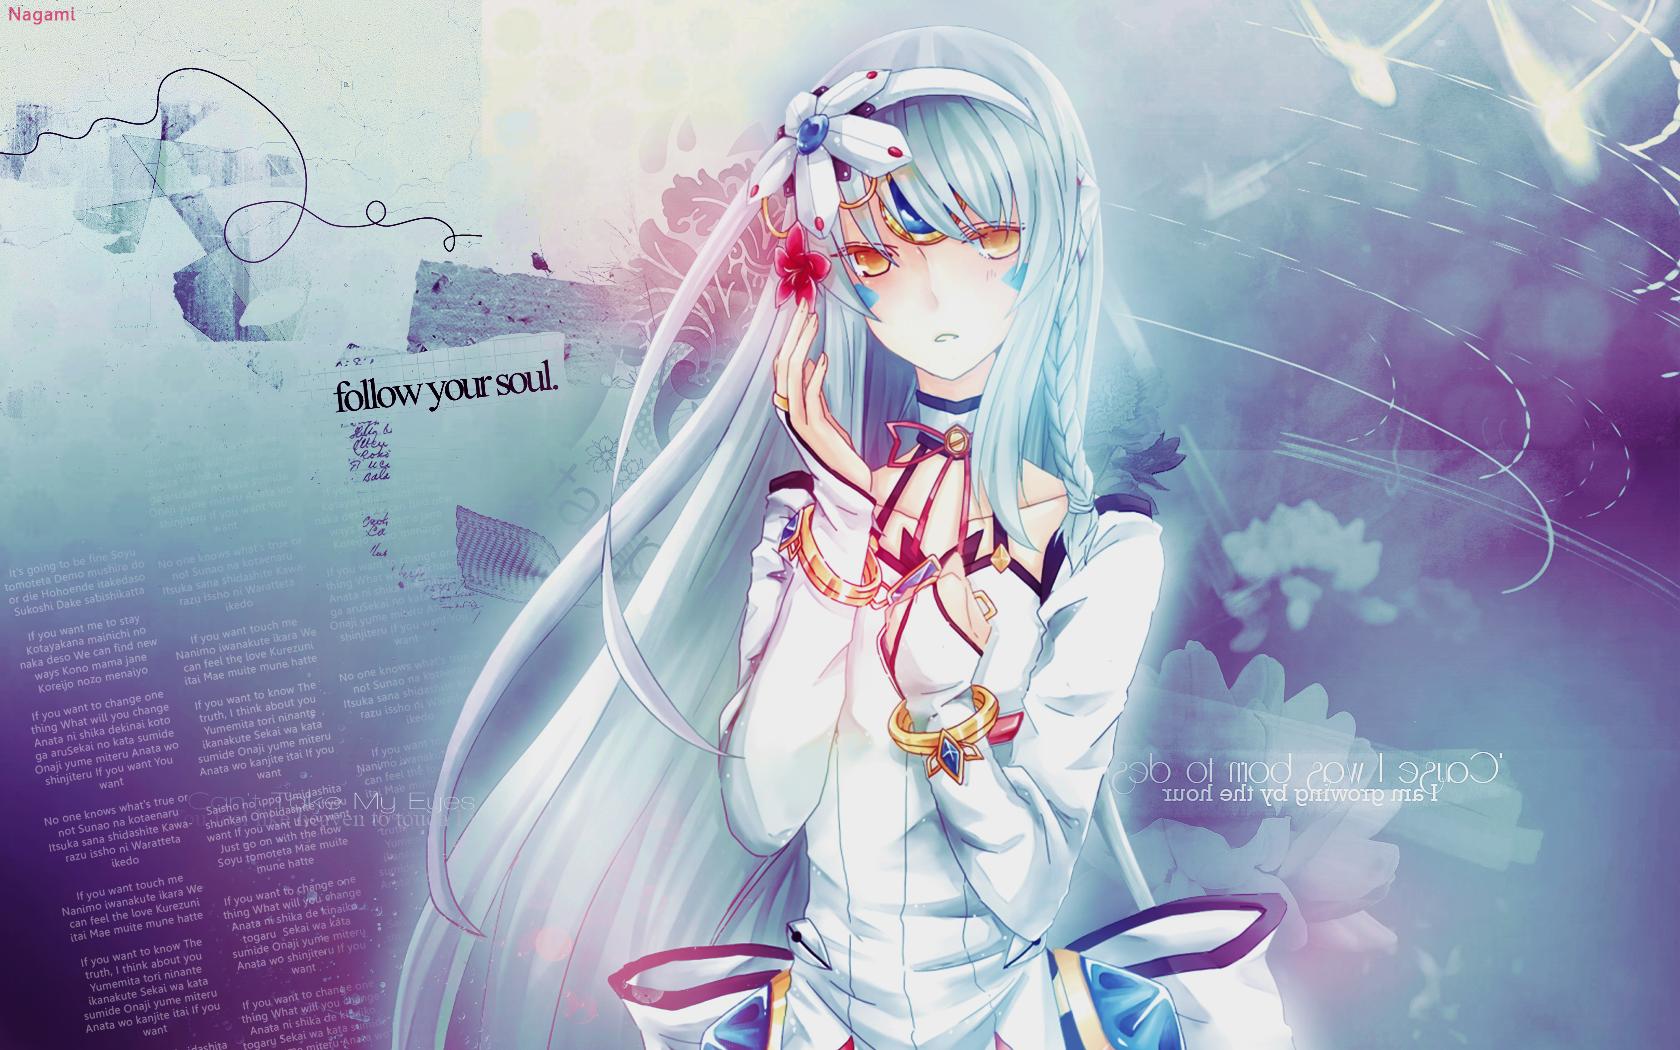 Wallpaper Code Electra : Eve - ELSWORD